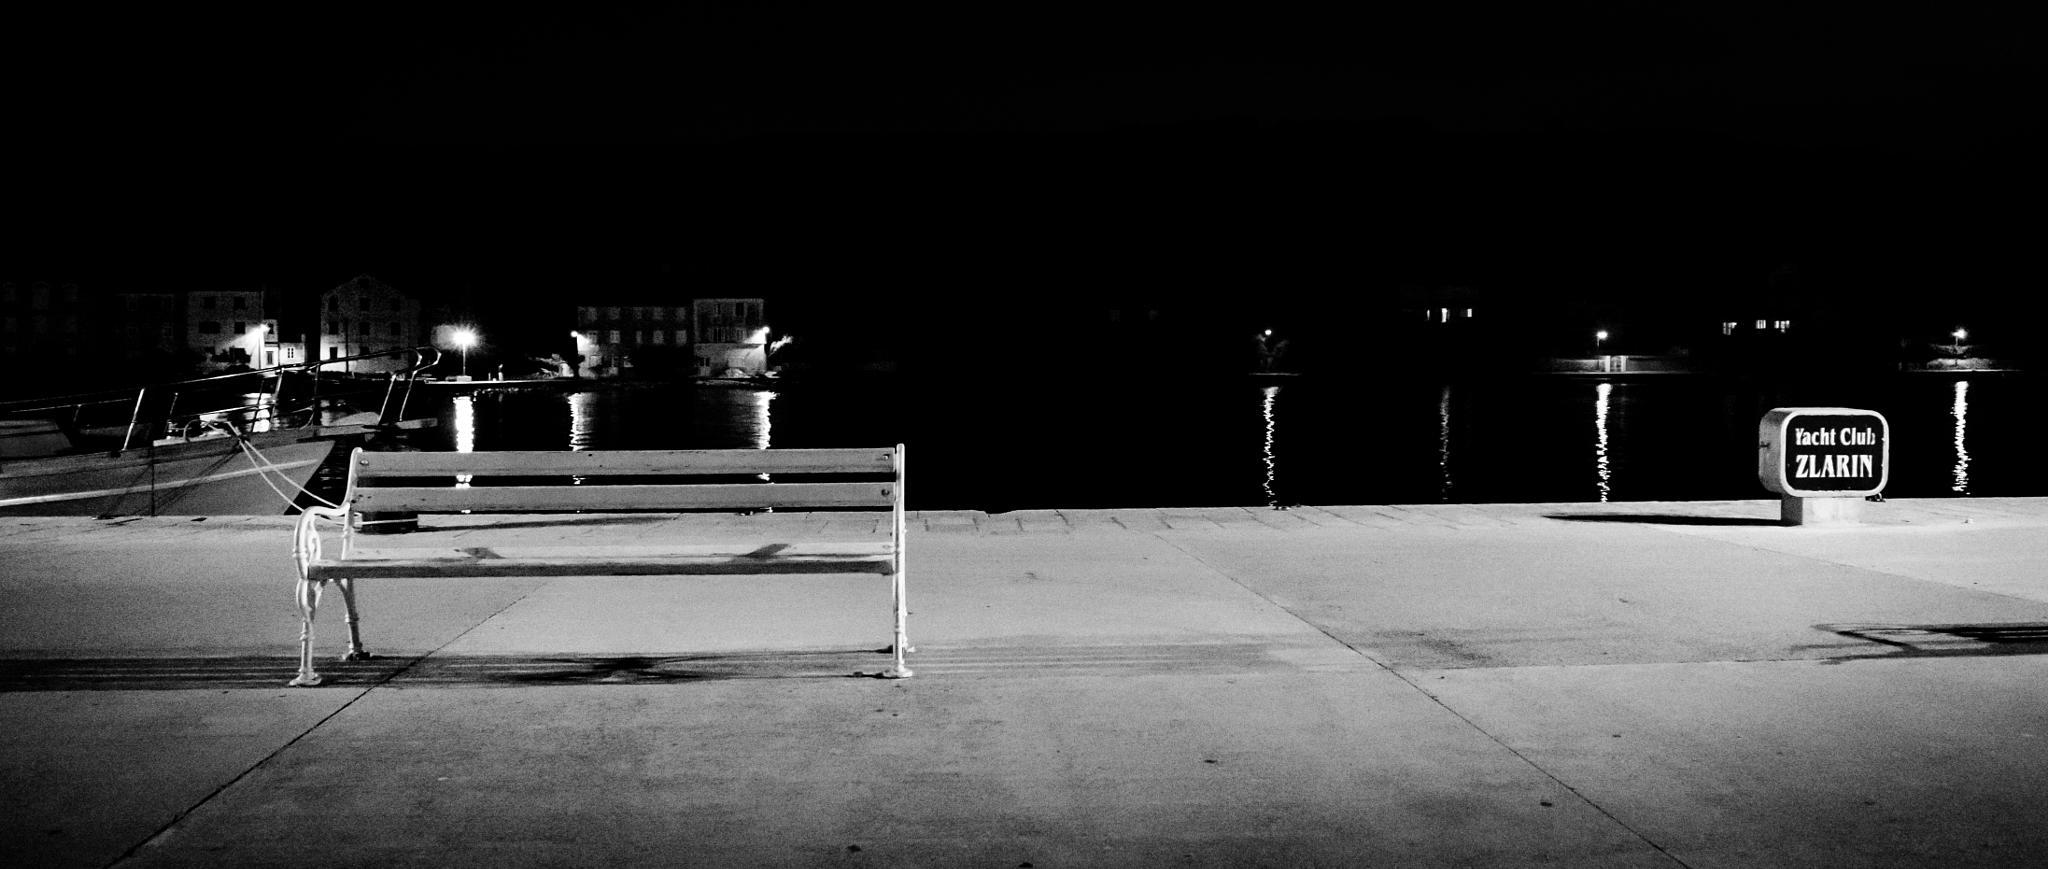 Waiting for... by Steve Garratt